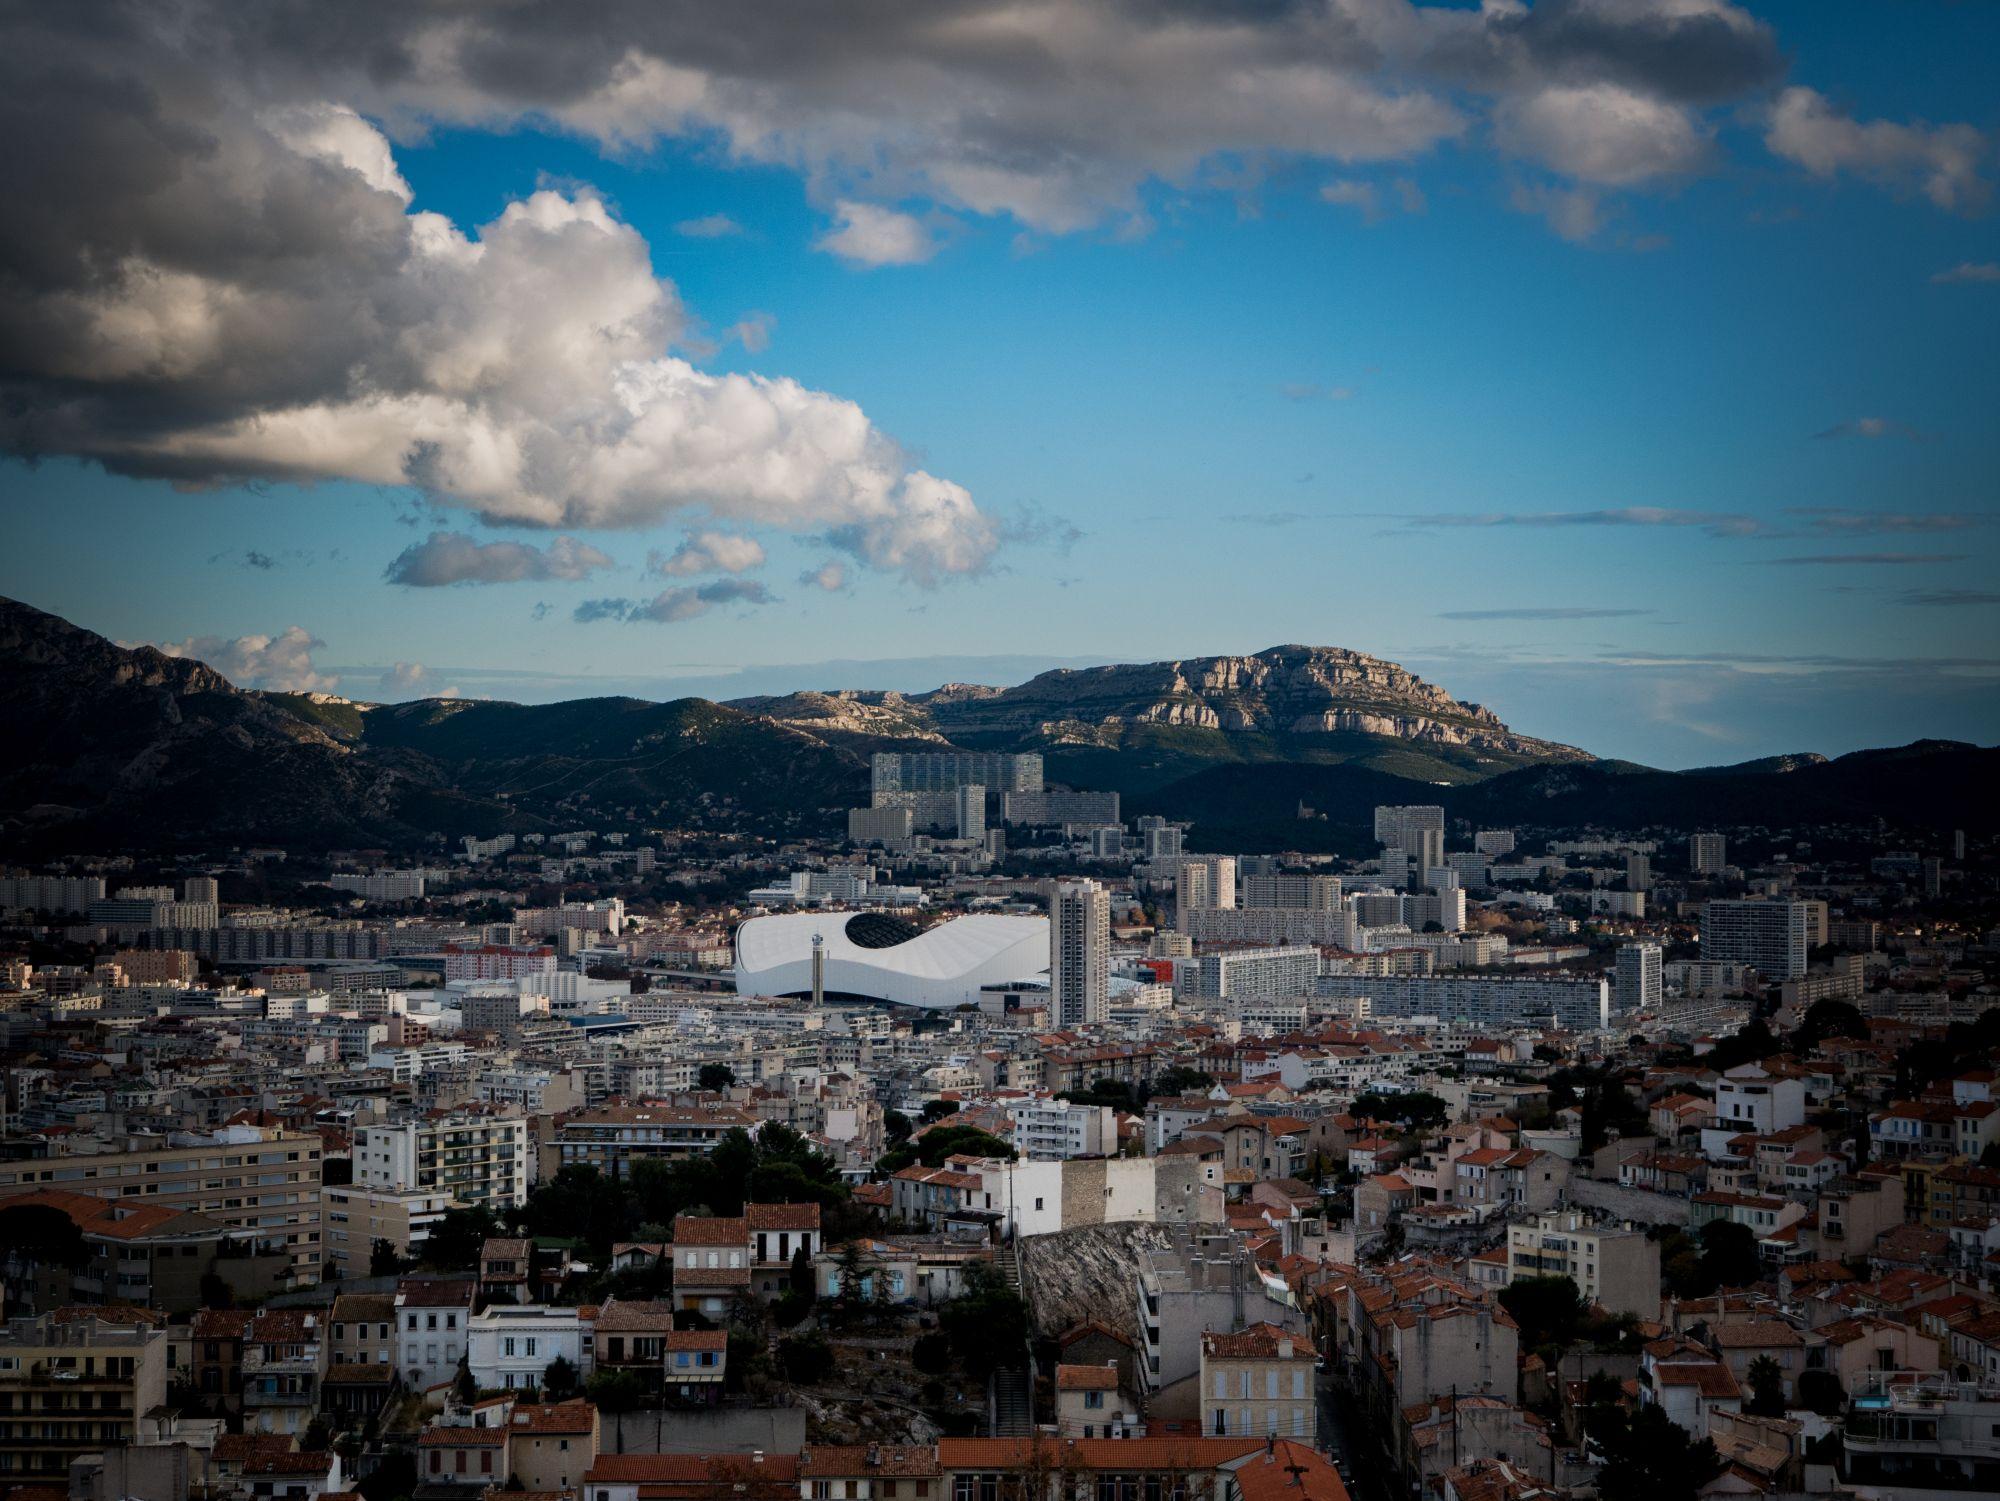 Stade Vlodrome de Marseille - Marseille, France